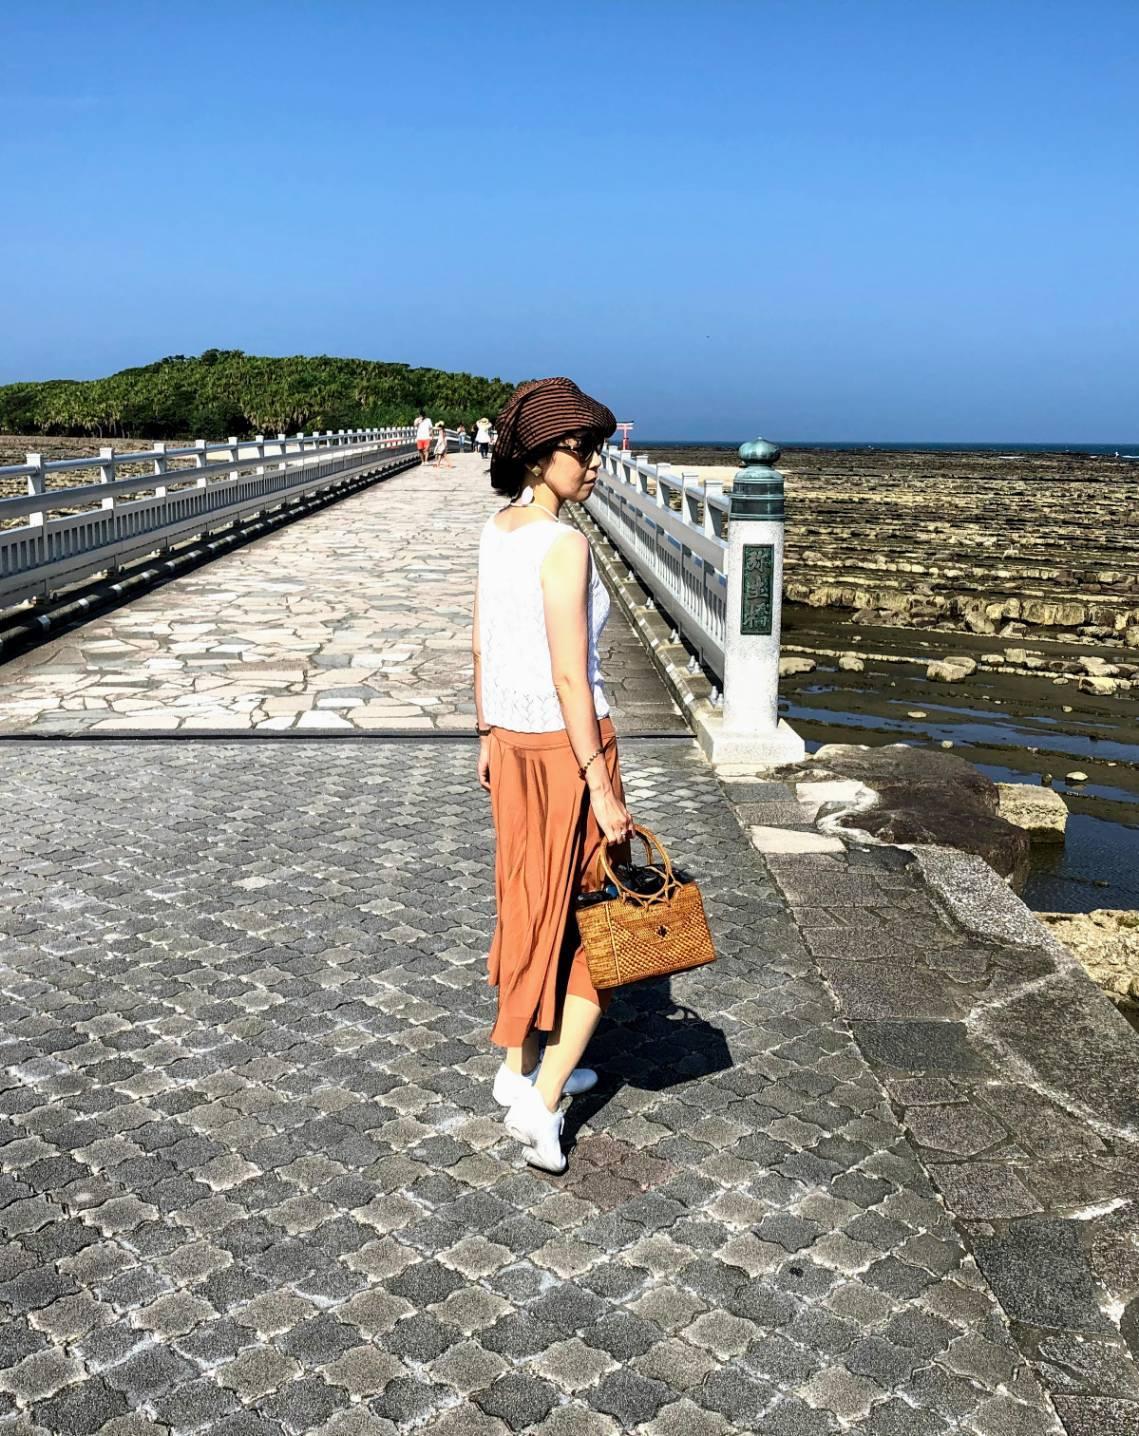 灼熱の太陽に照らされながら橋を渡り青島神社へ。左右には国の天然記念物、鬼の洗濯板が広がっています